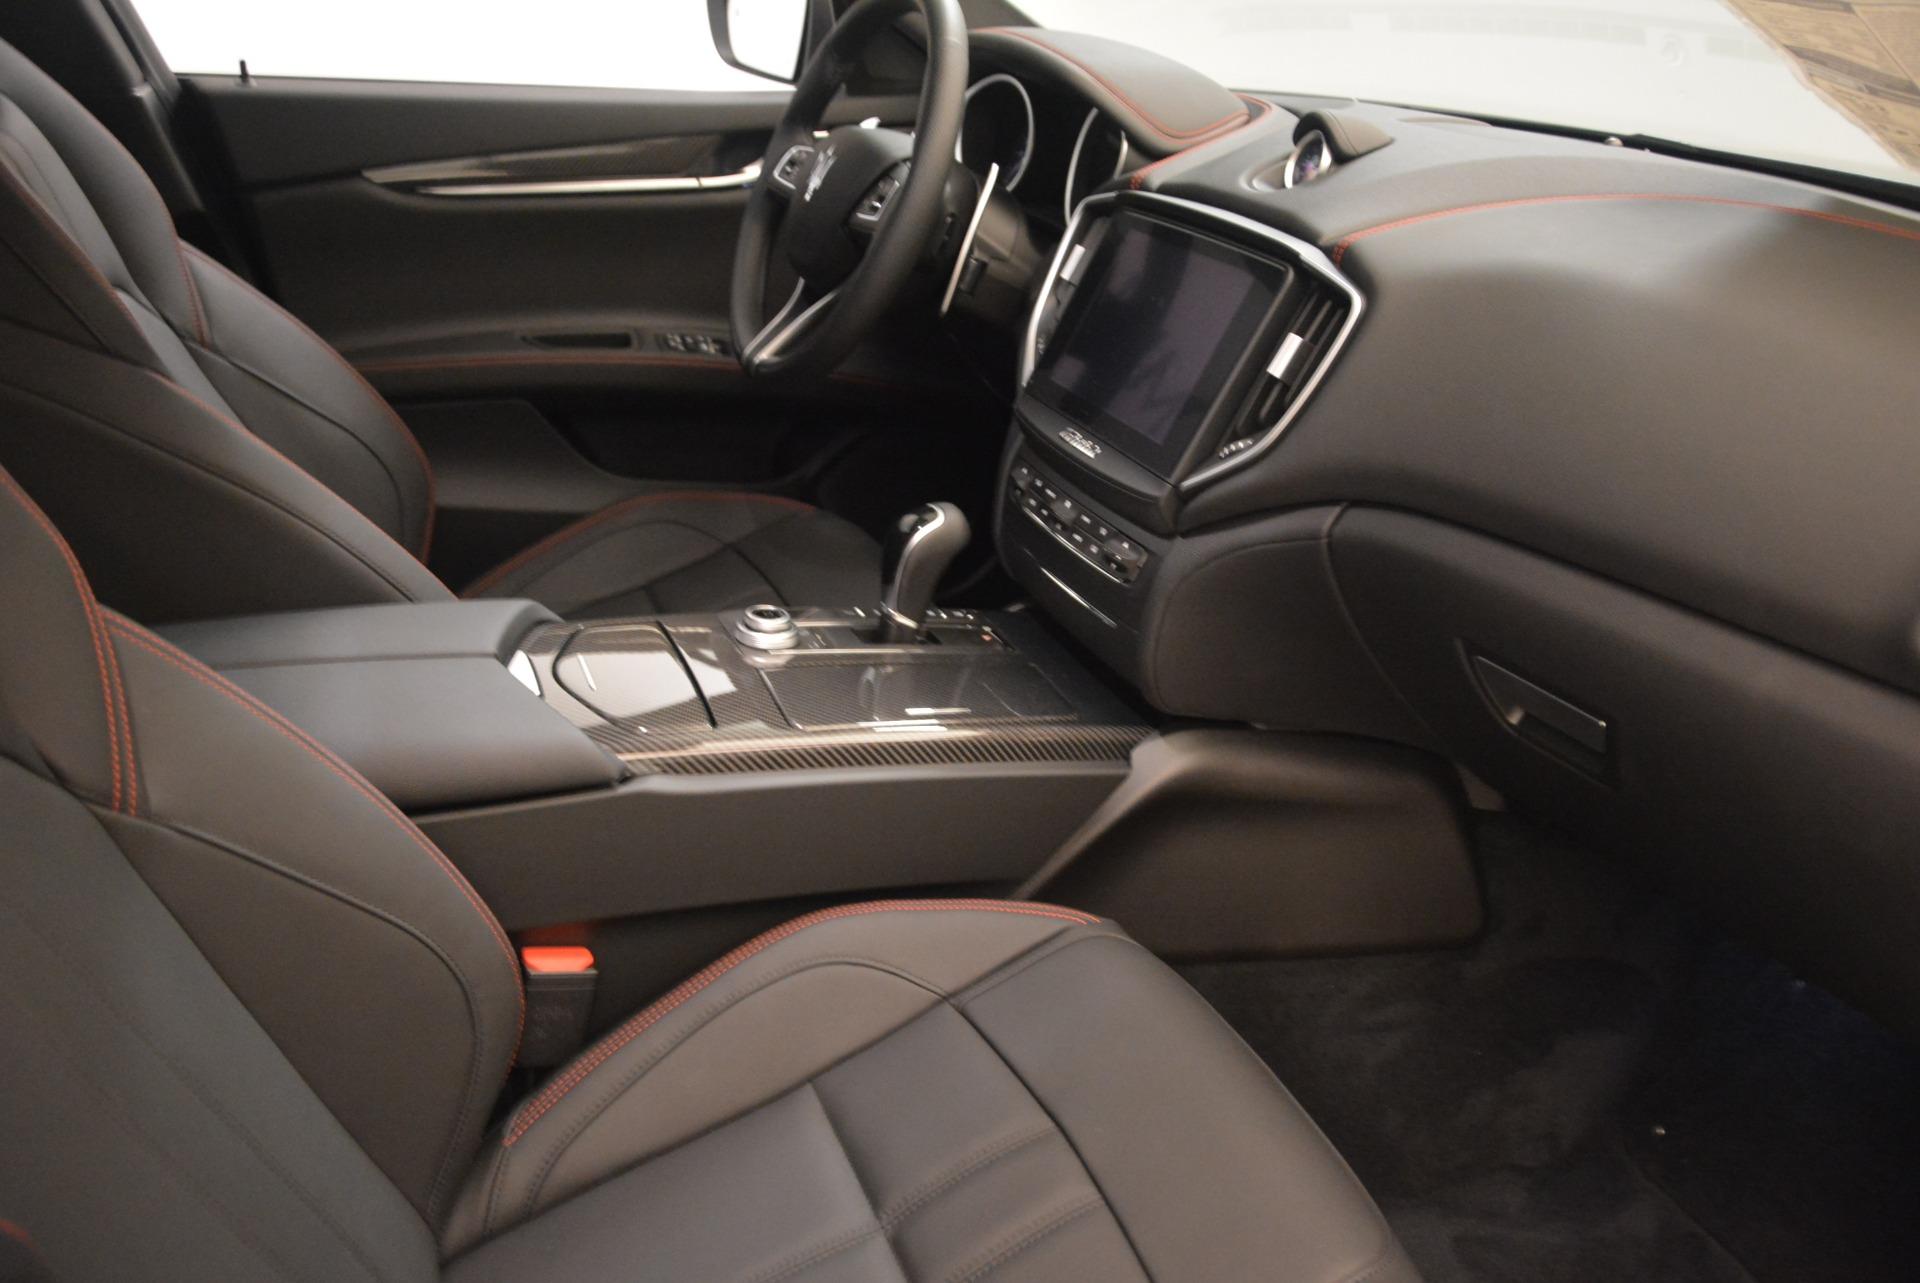 New 2018 Maserati Ghibli SQ4 GranSport Nerissimo For Sale In Greenwich, CT 2368_p16